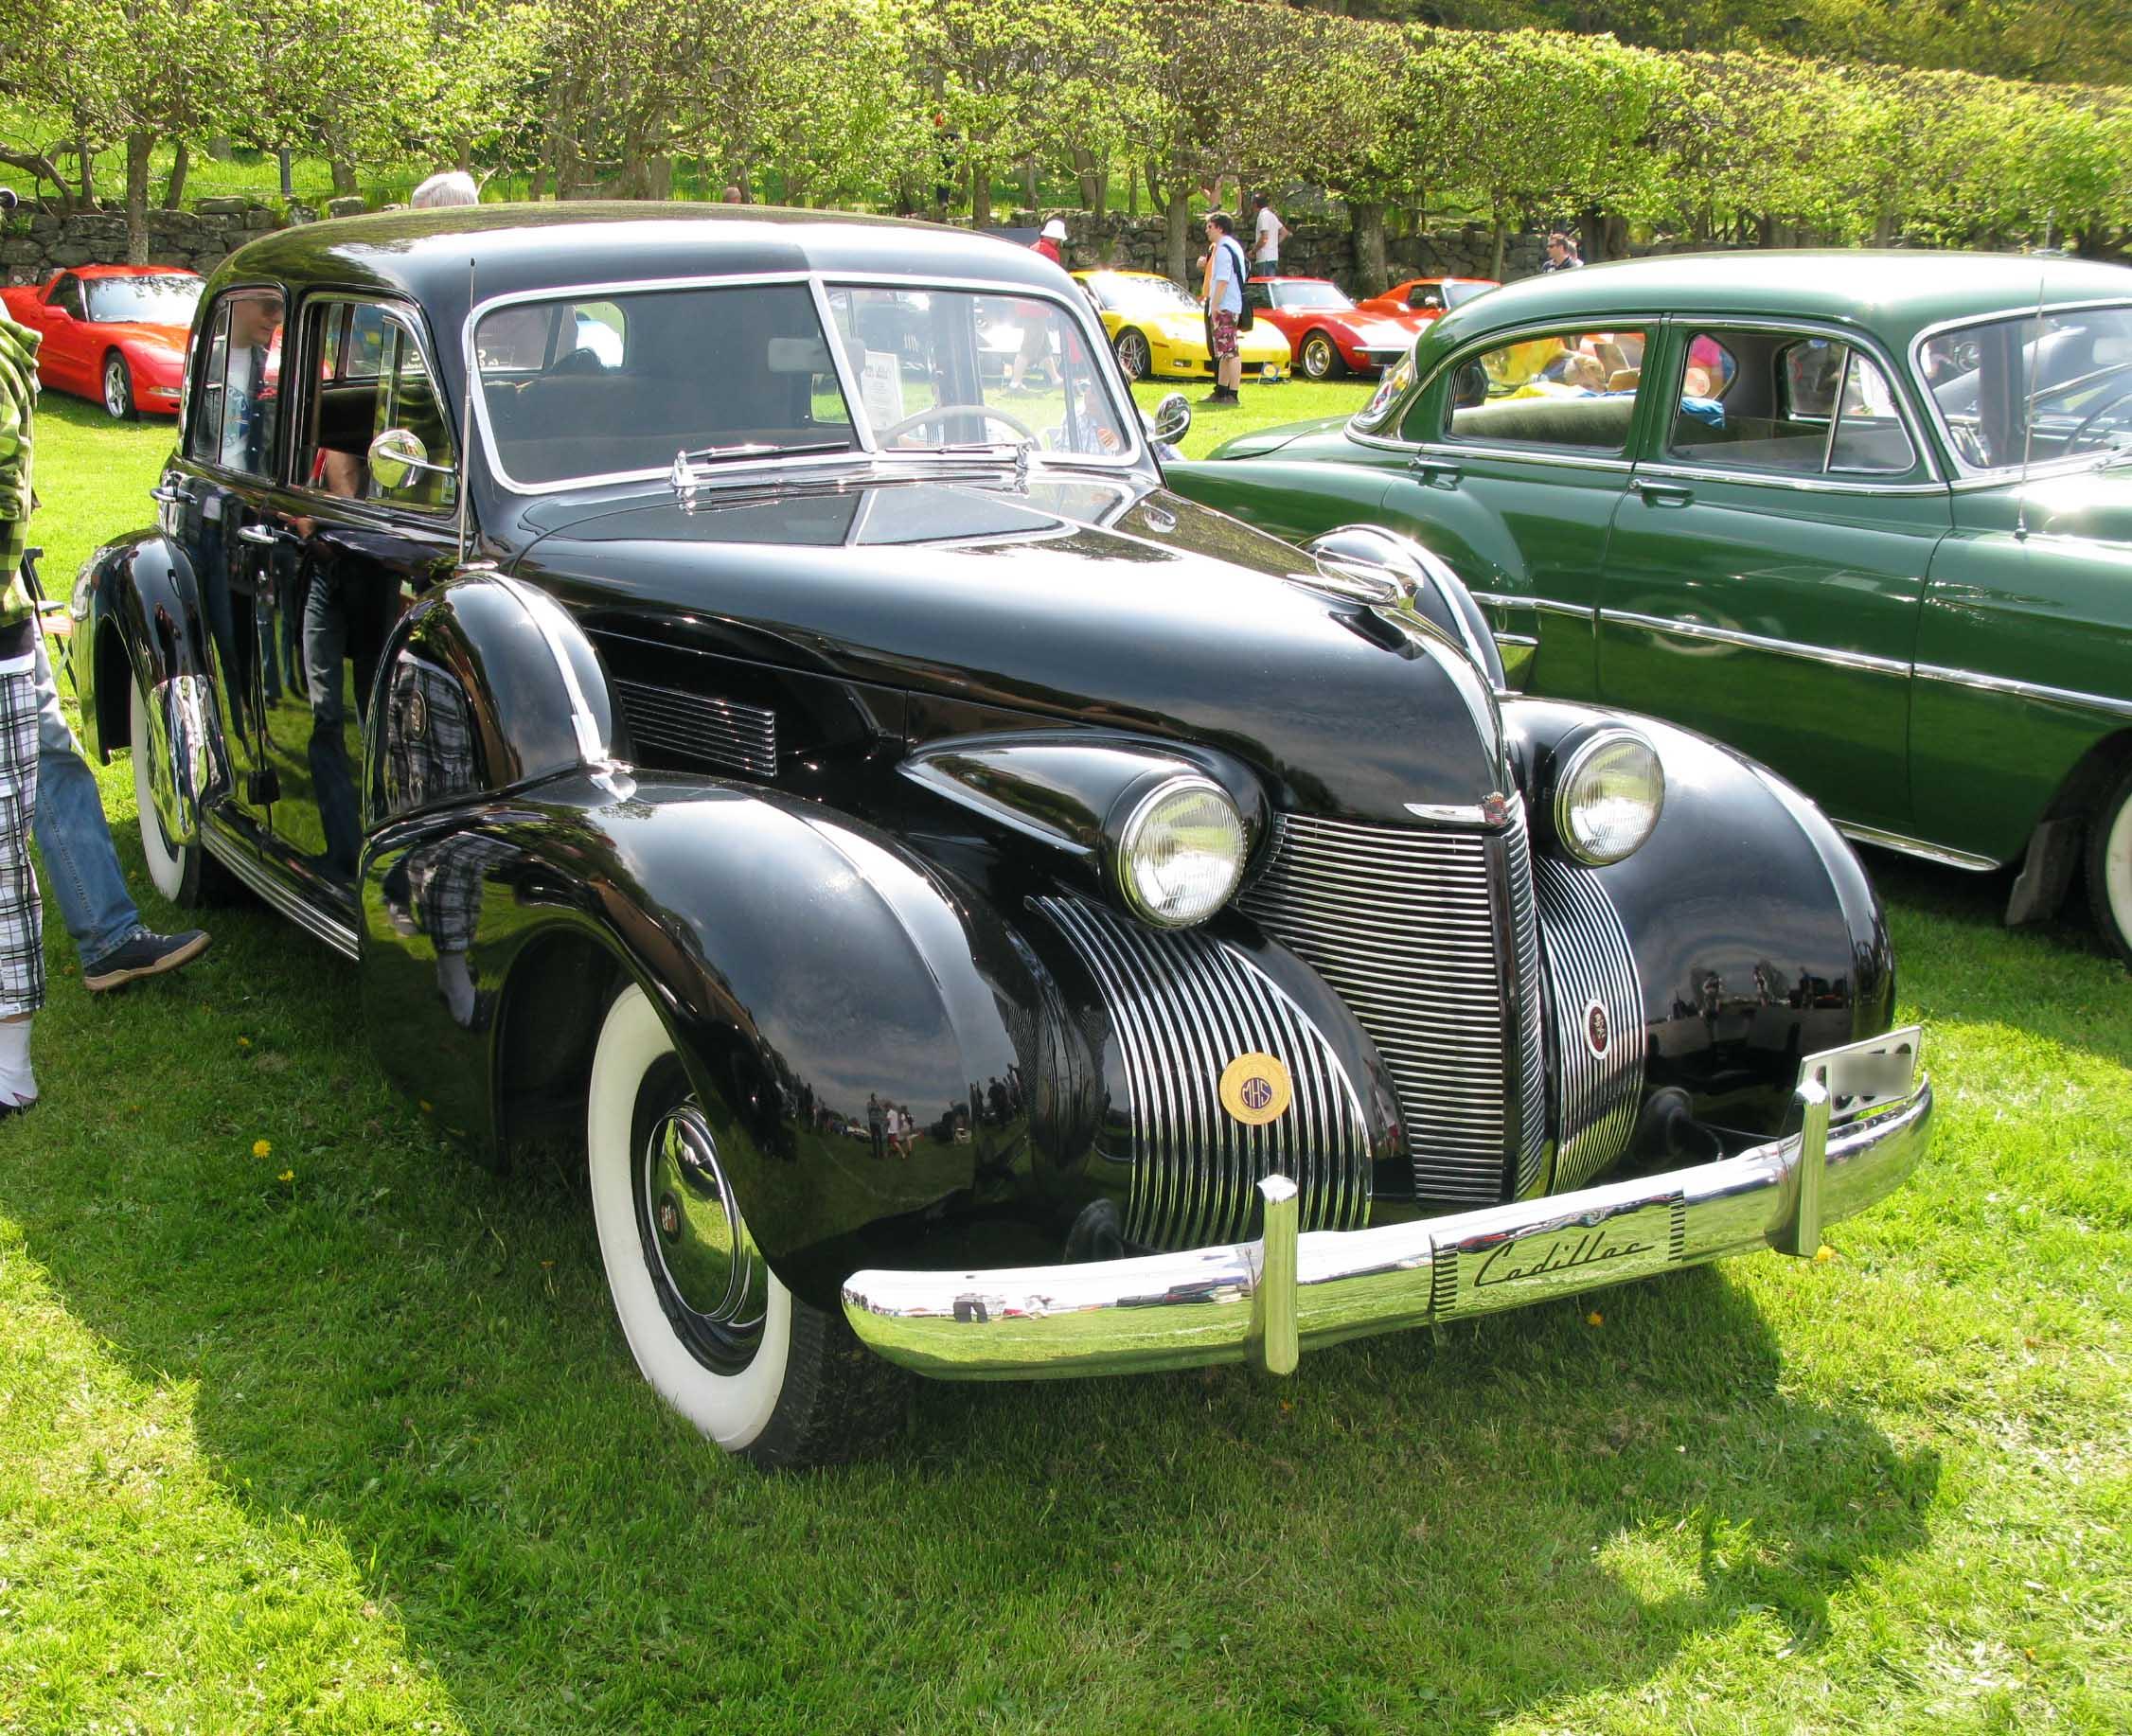 1939CadillacSeries60Specialfrjpg 22521834 Cadillacs my